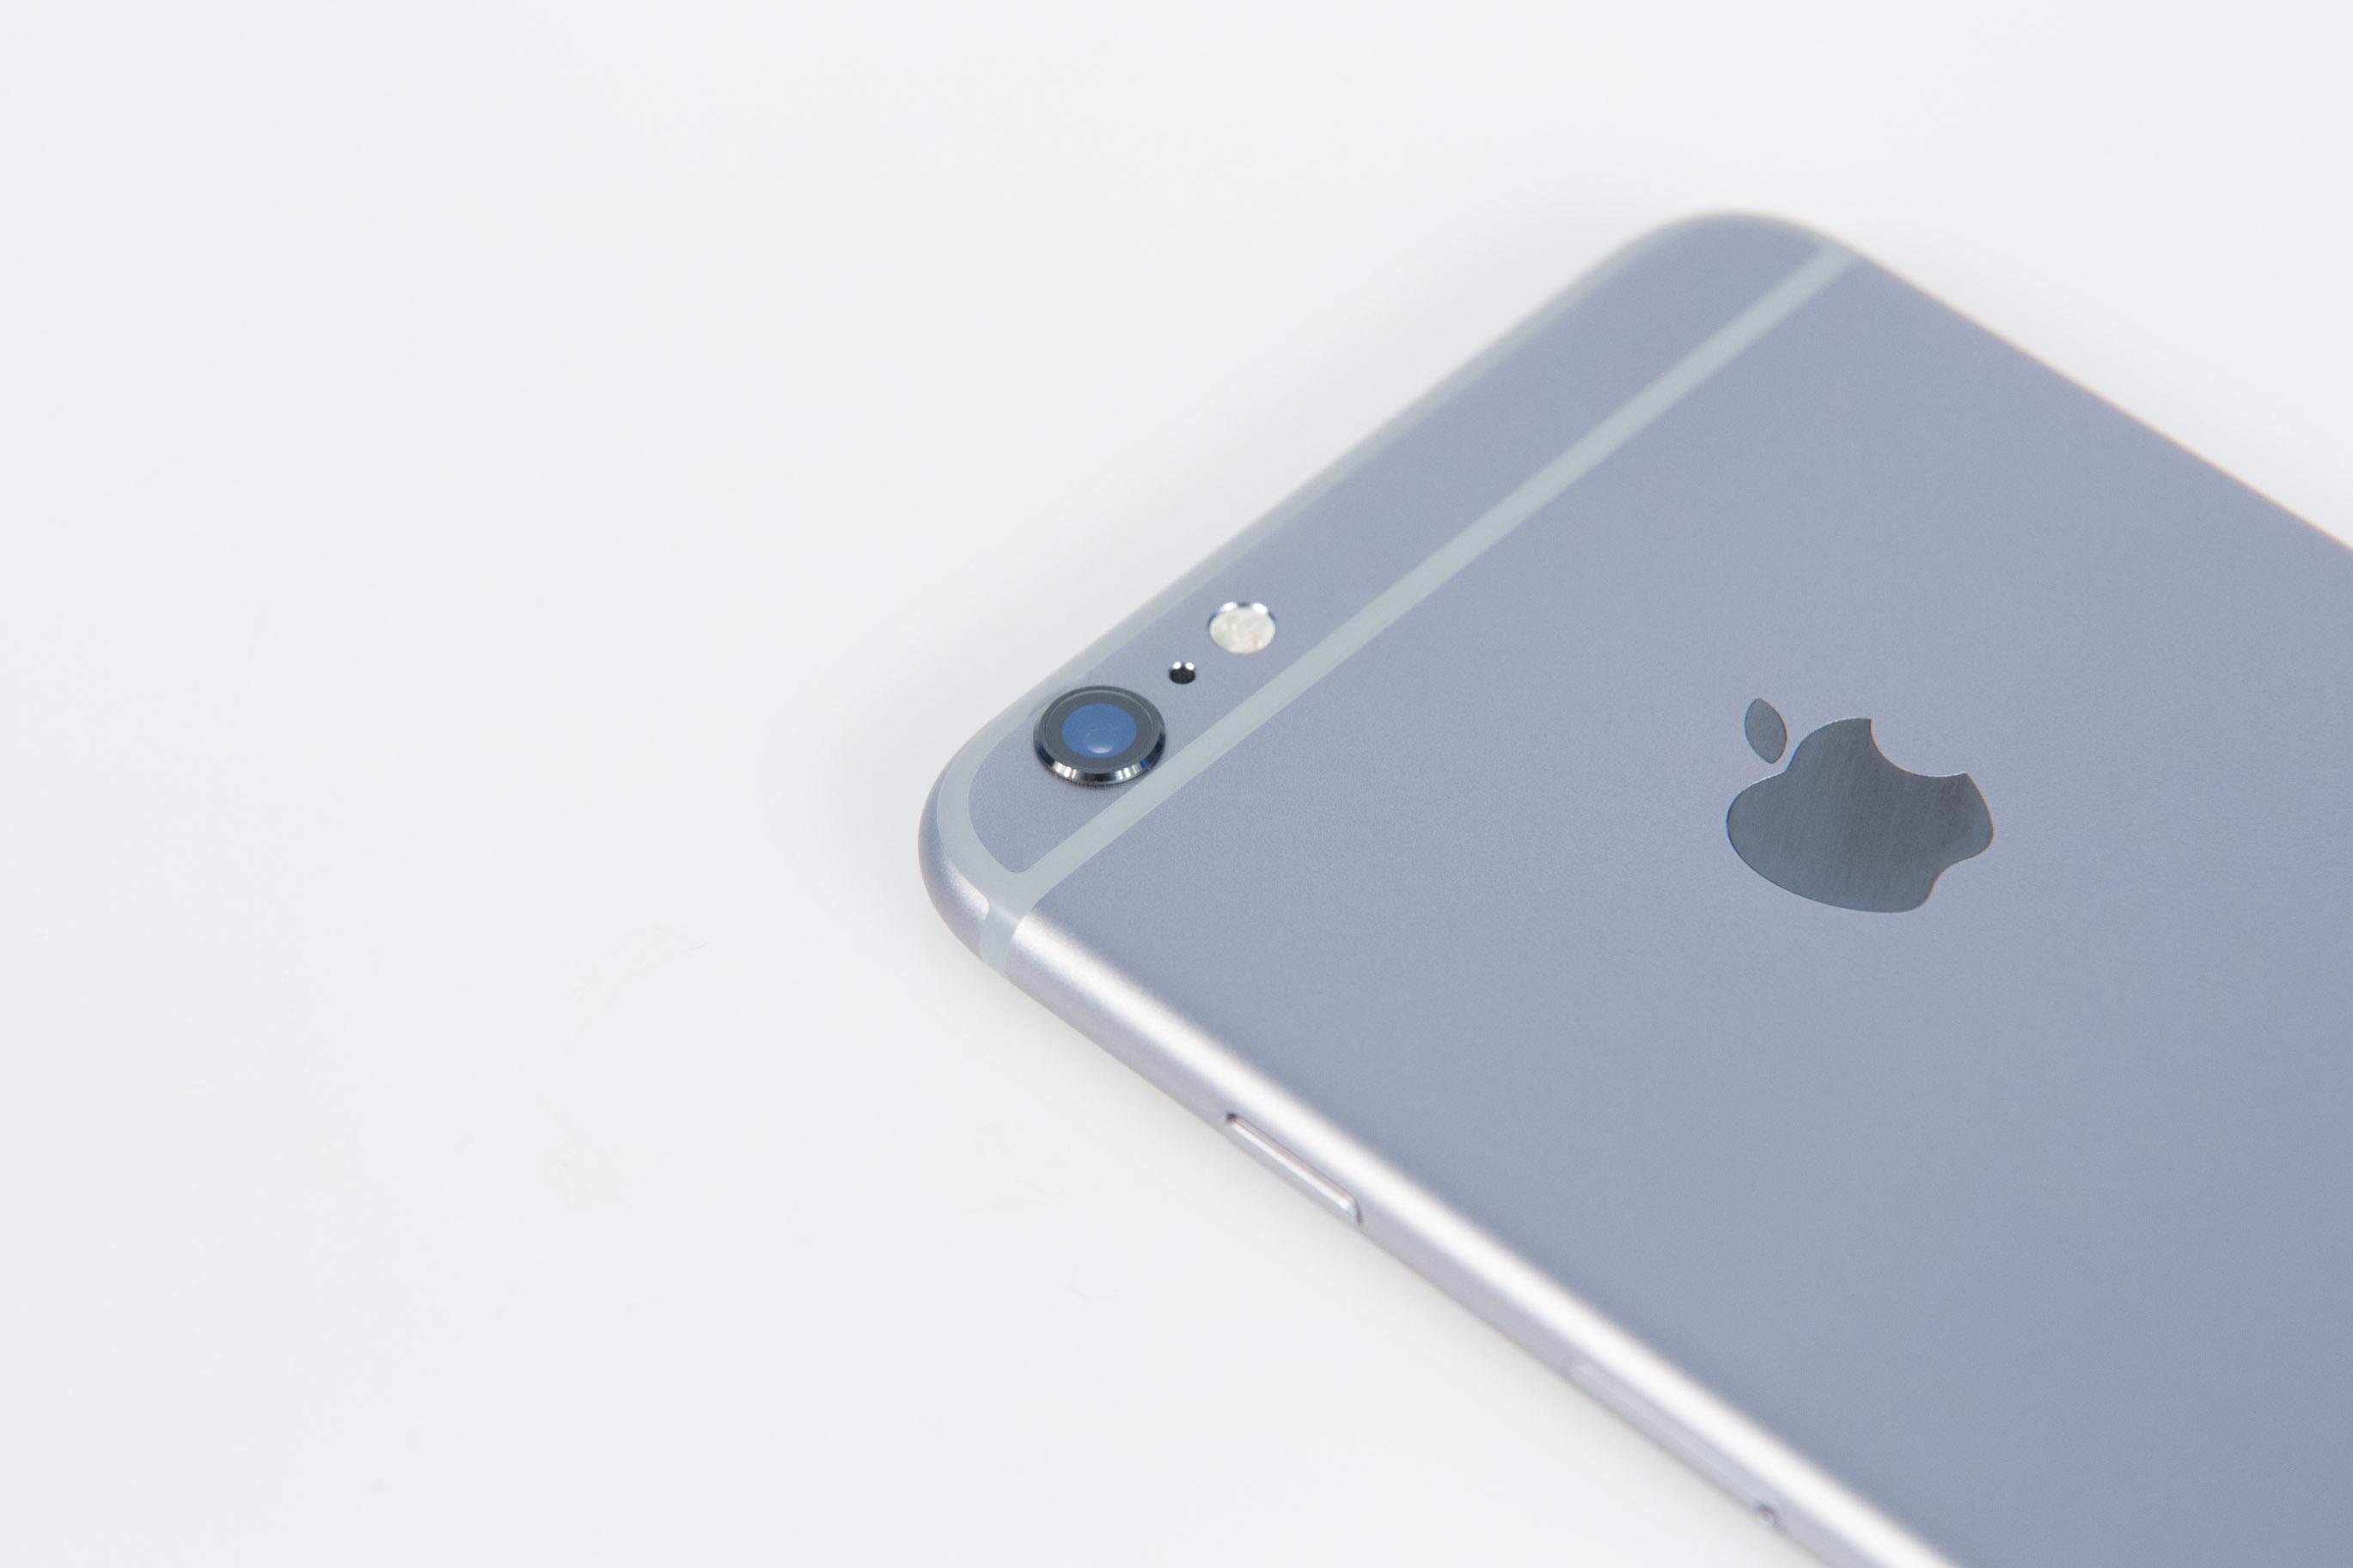 iPhone 6S Plus im Test: Ein so schnelles Smartphone gab es noch nie, aber -